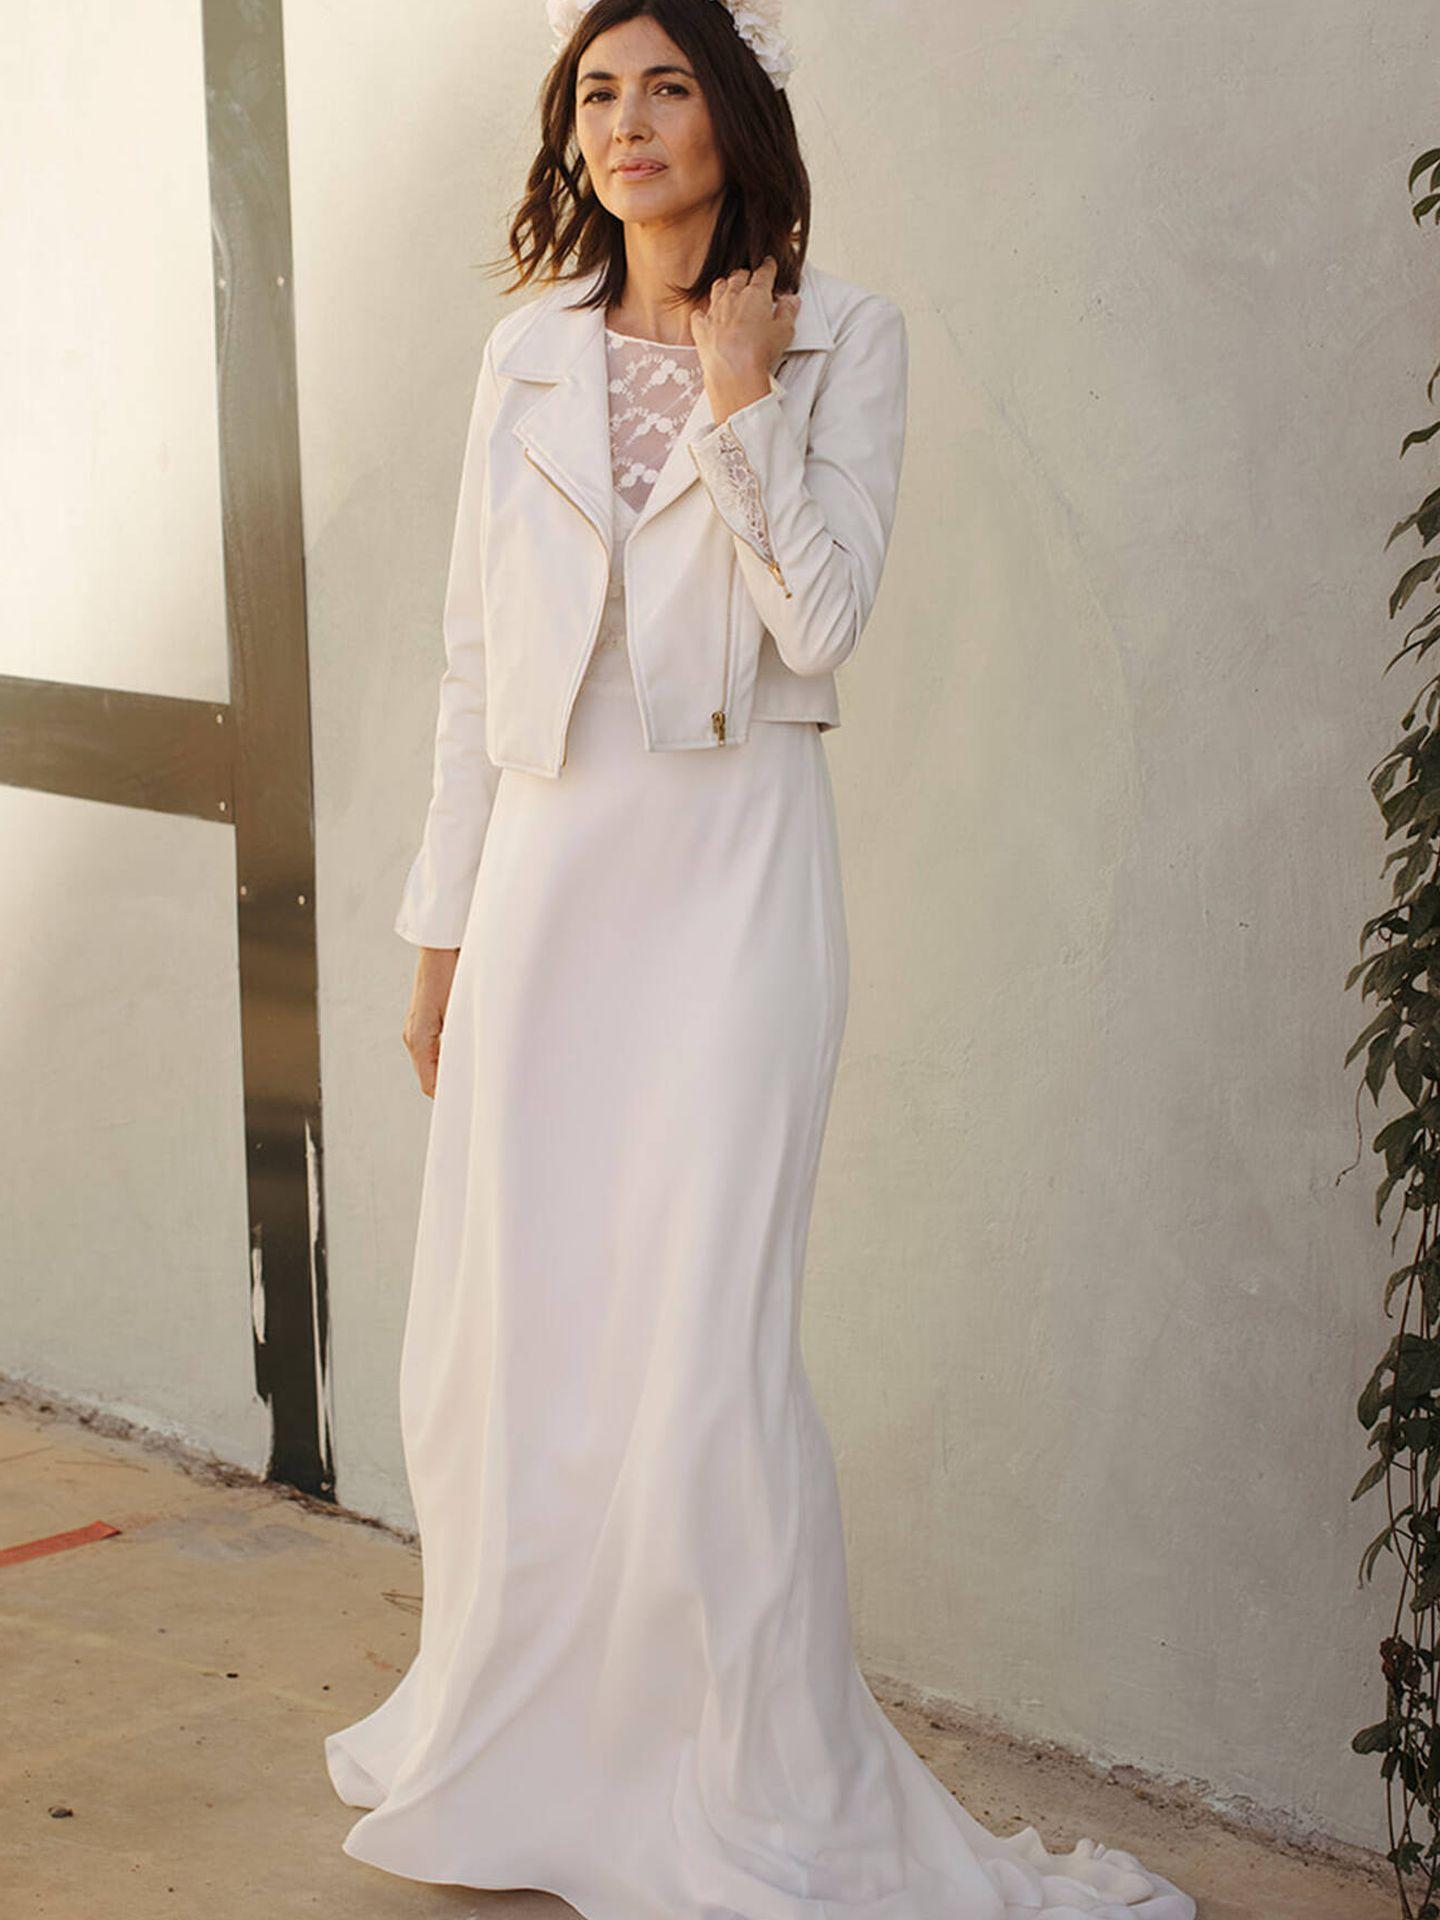 Vestidos de Love by Otaduy para ser una novia eco-friendly. (Cortesía)